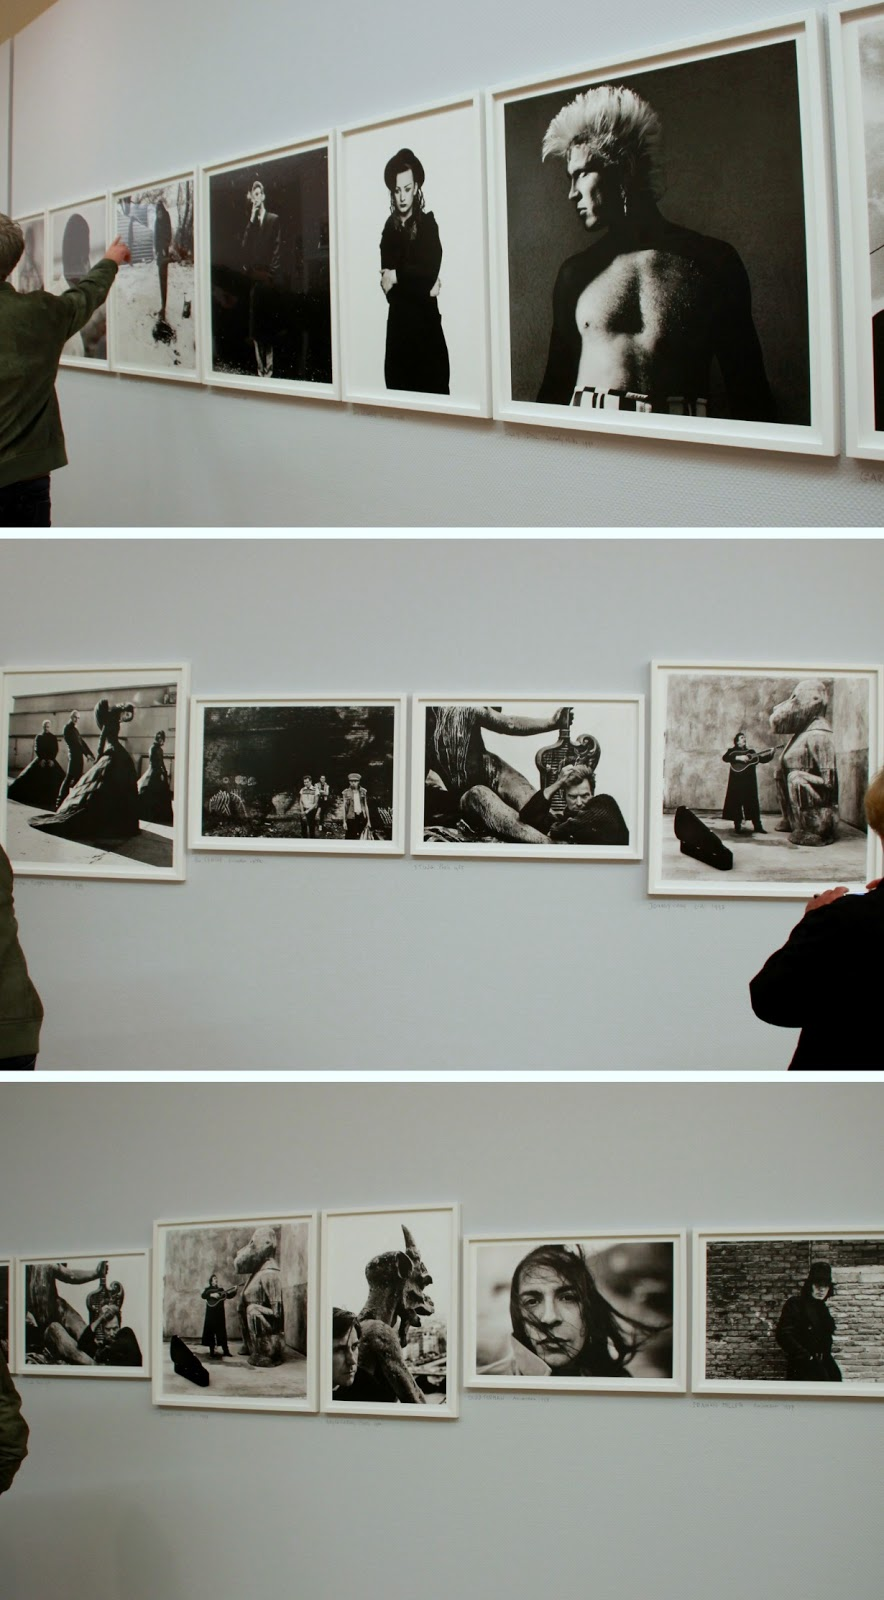 Ook de foto's in het Fotomuseum zijn geweldig